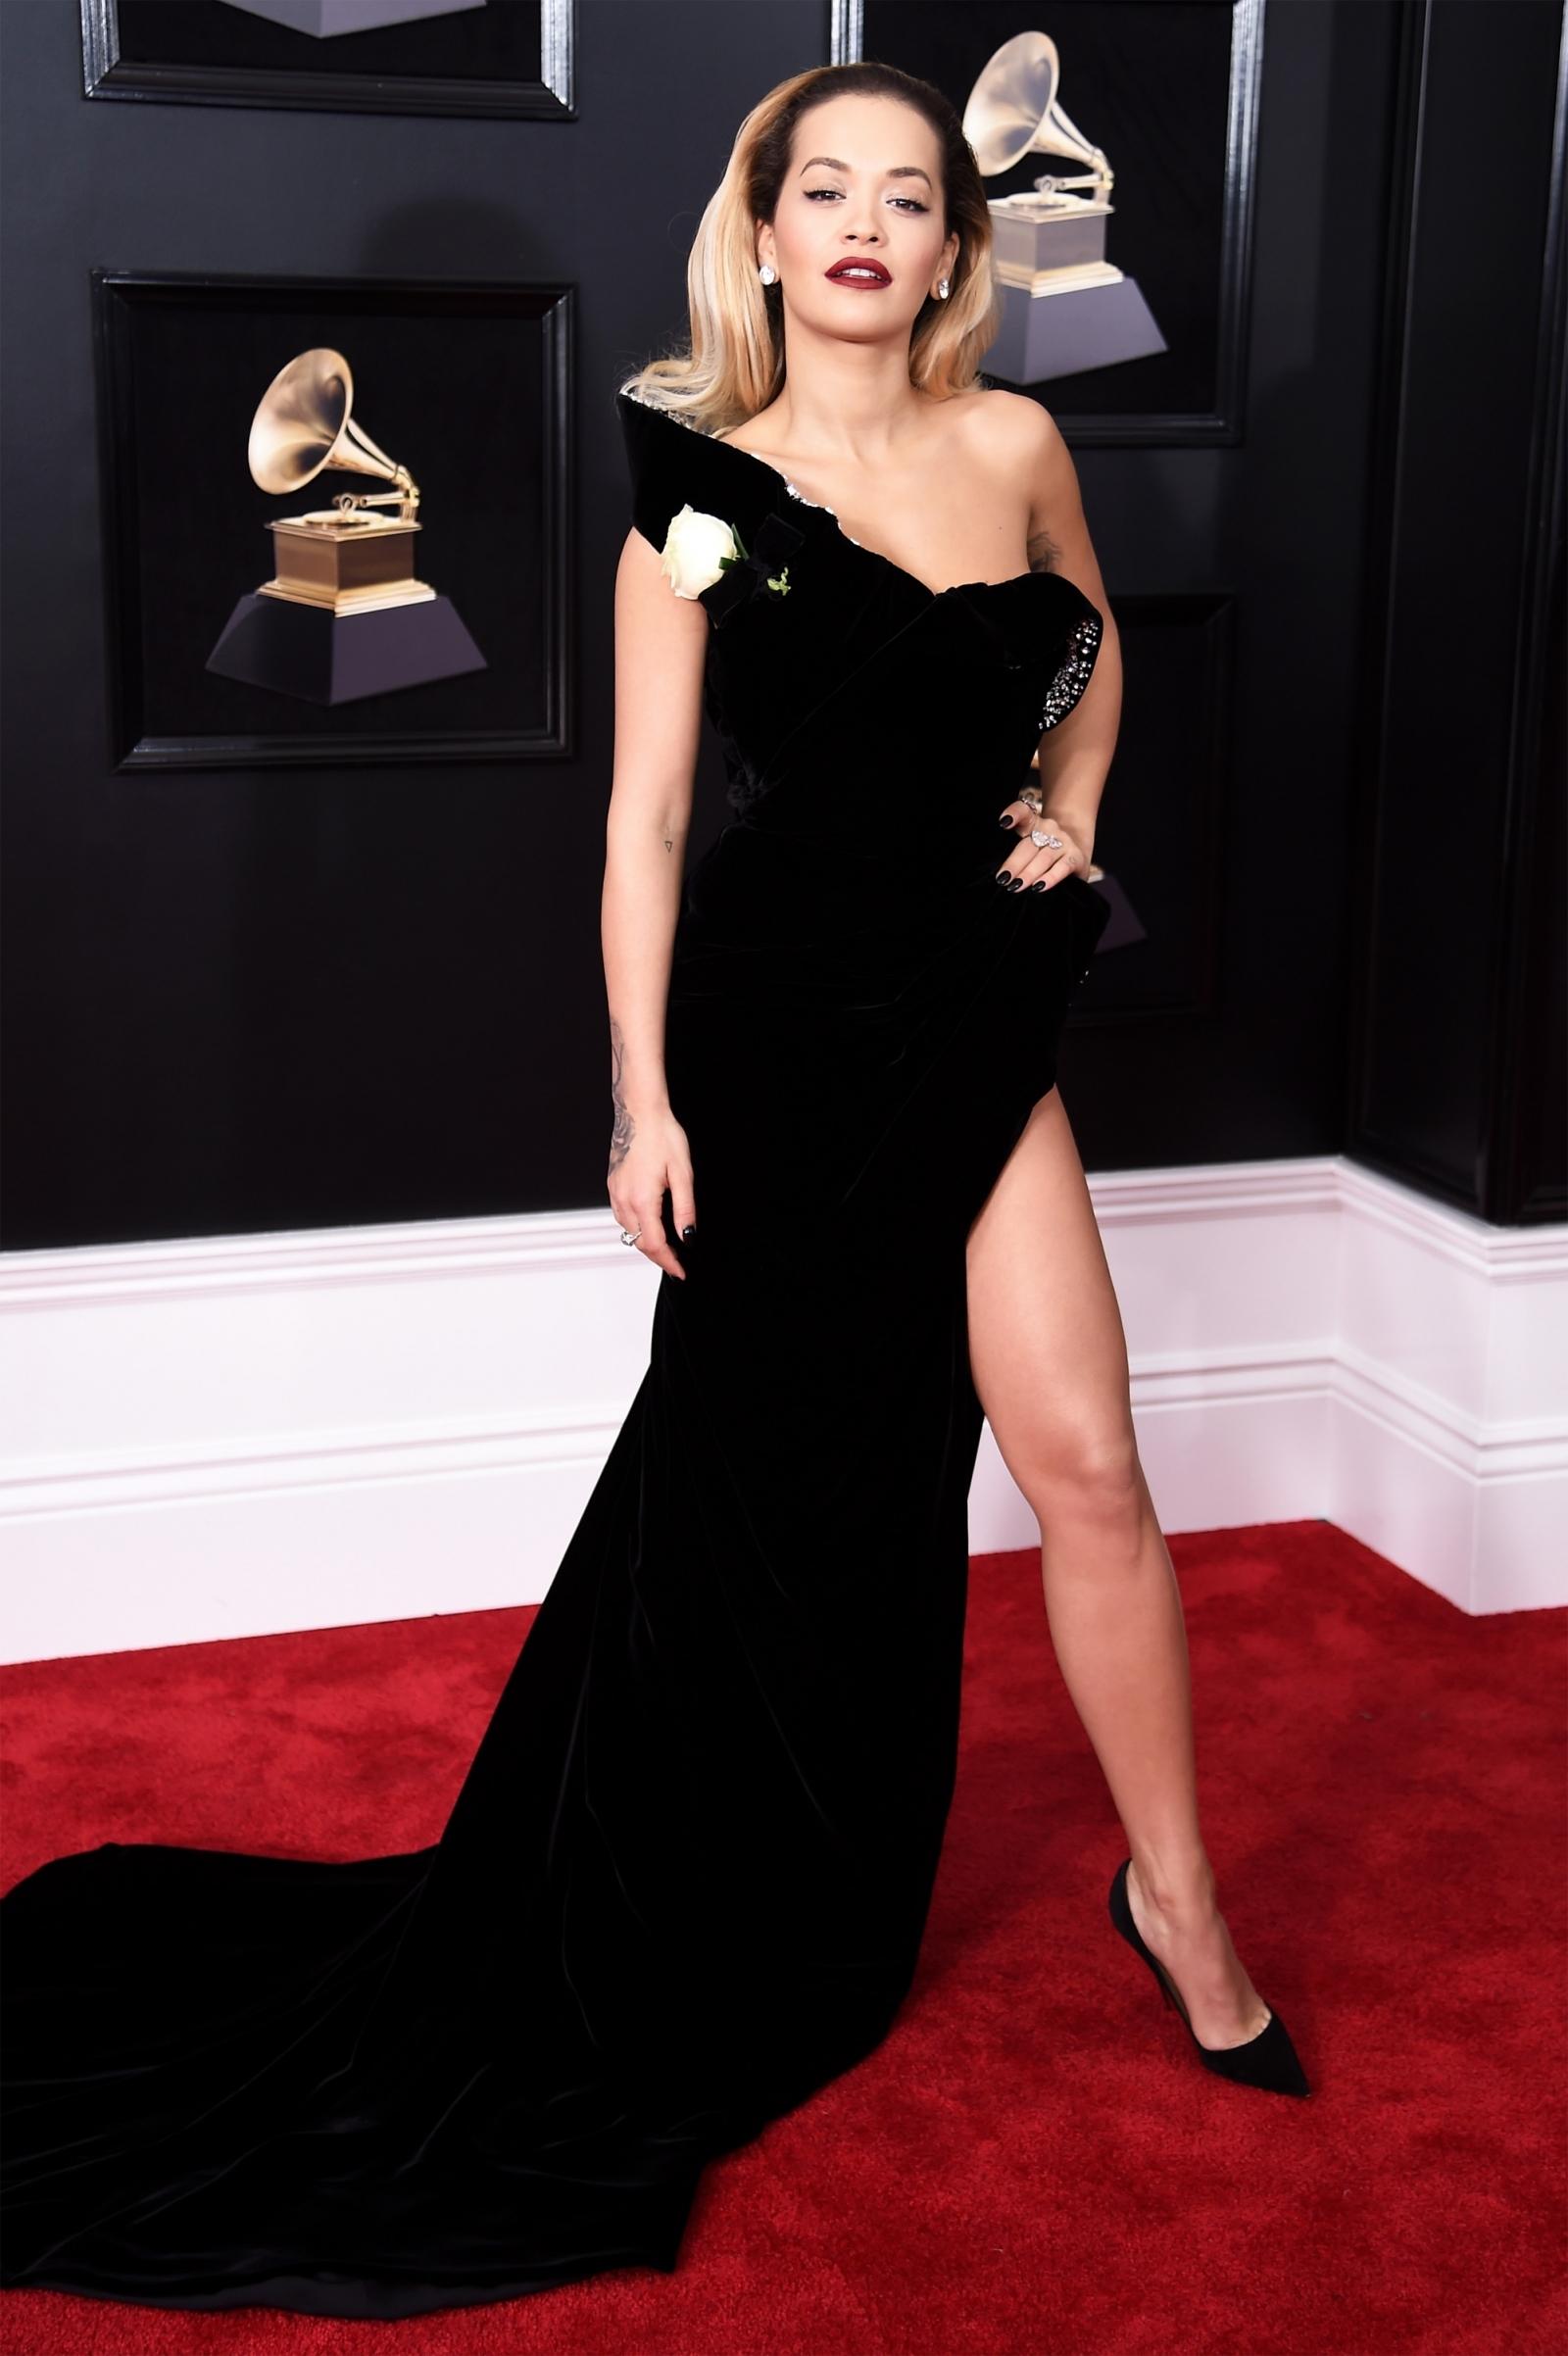 Rita Ora narrowly avoids wardrobe malfunction at ...